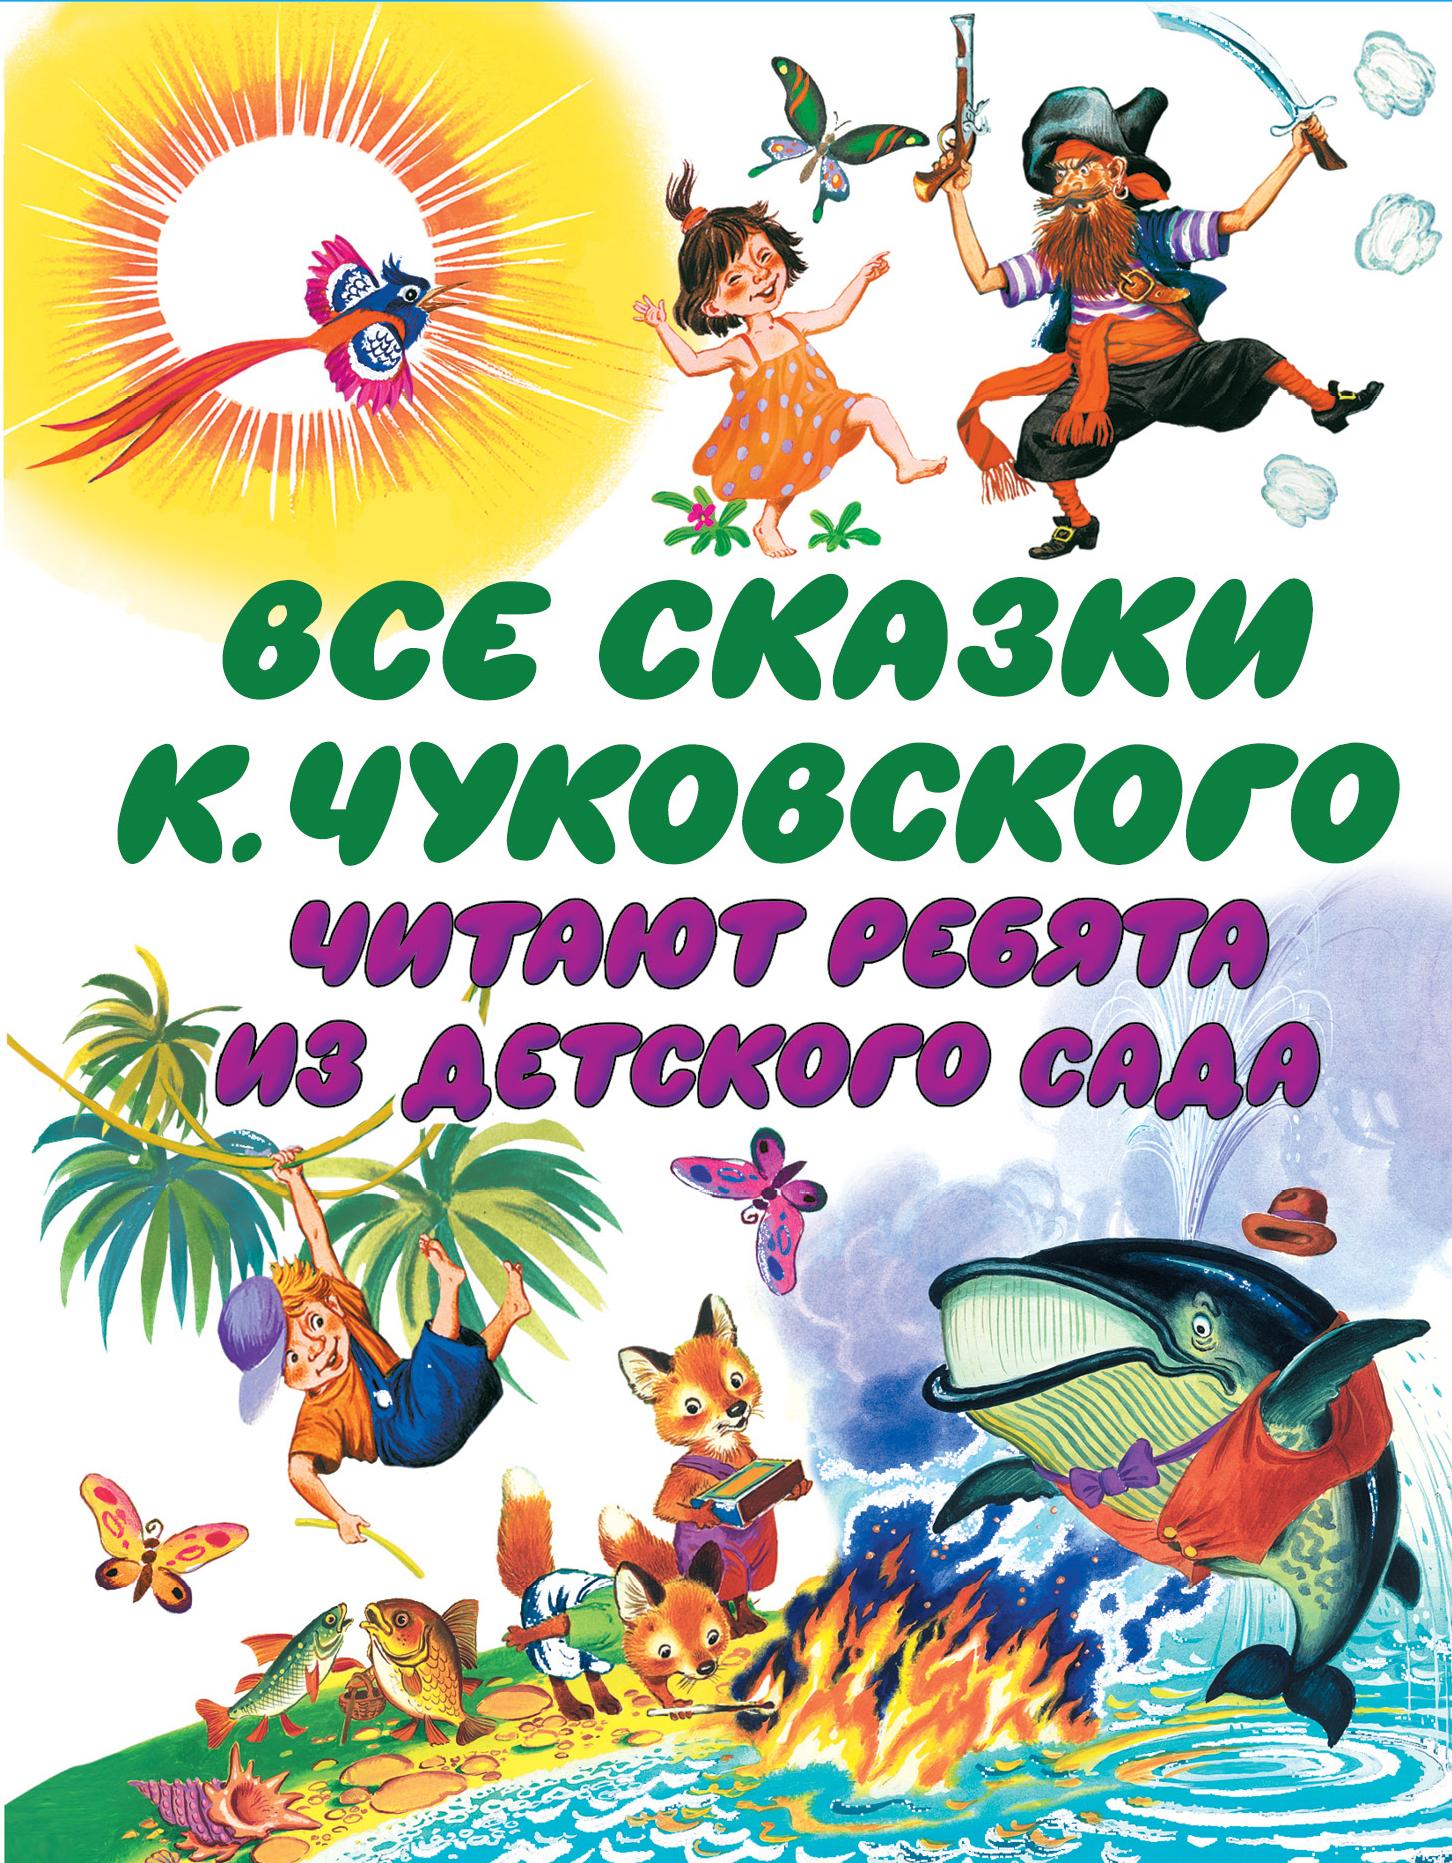 Купить Все сказки К. Чуковского. Читают ребята из детского сада, Корней Чуковский, 978-5-17-065905-0, 978-5-17-093548-2